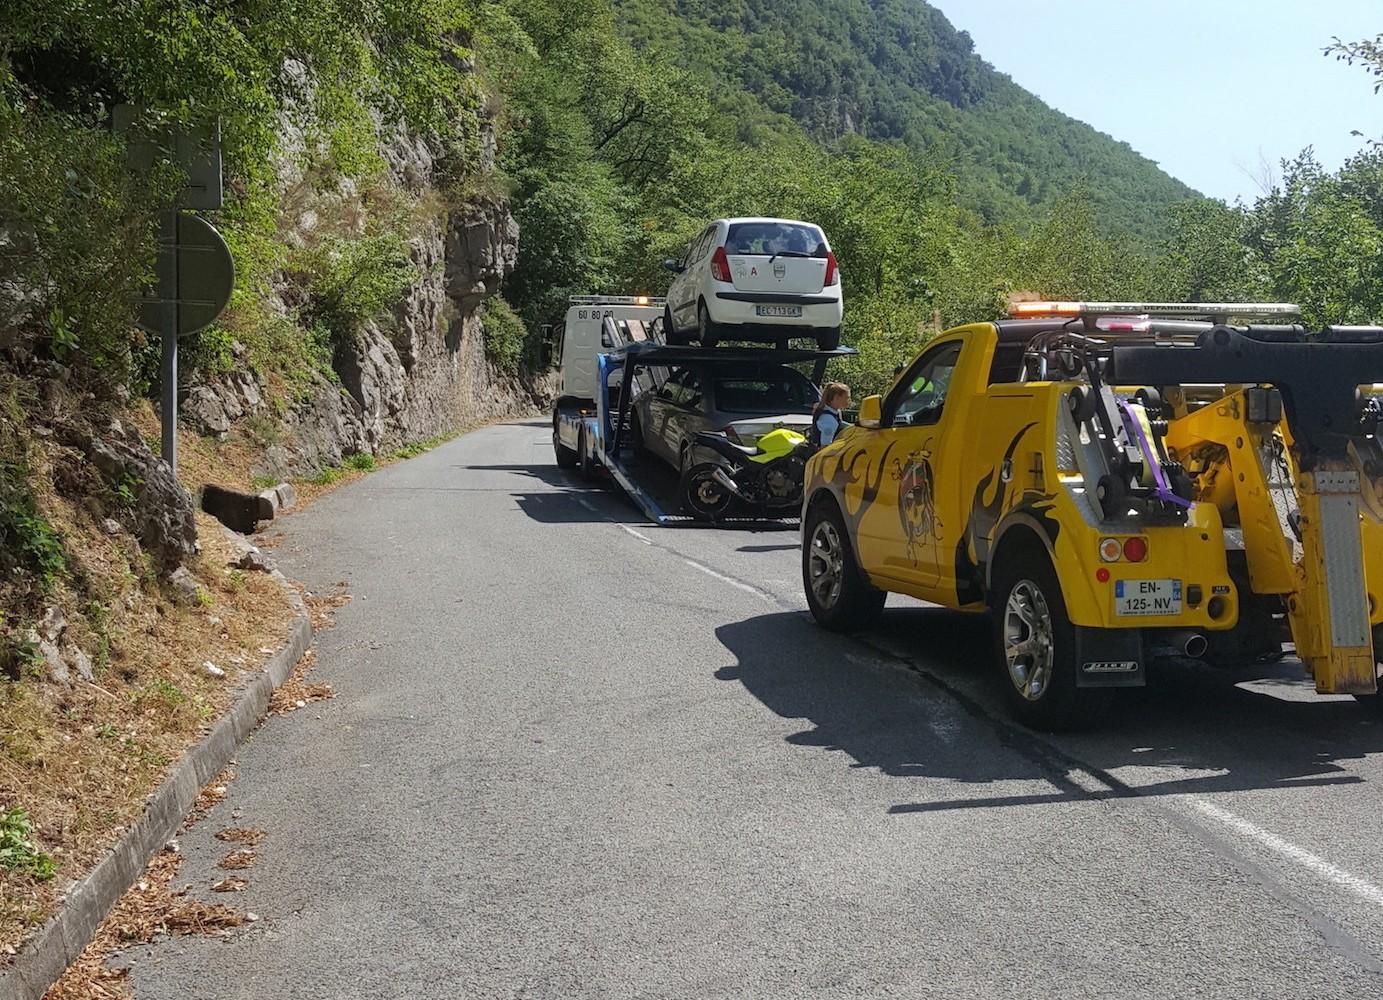 La dépanneuse est venue en soutien de l'opération de contrôle organisée par les gendarmes de la compagnie de Grasse. Résultat : quatre mises en fourrière de véhicules gênants.